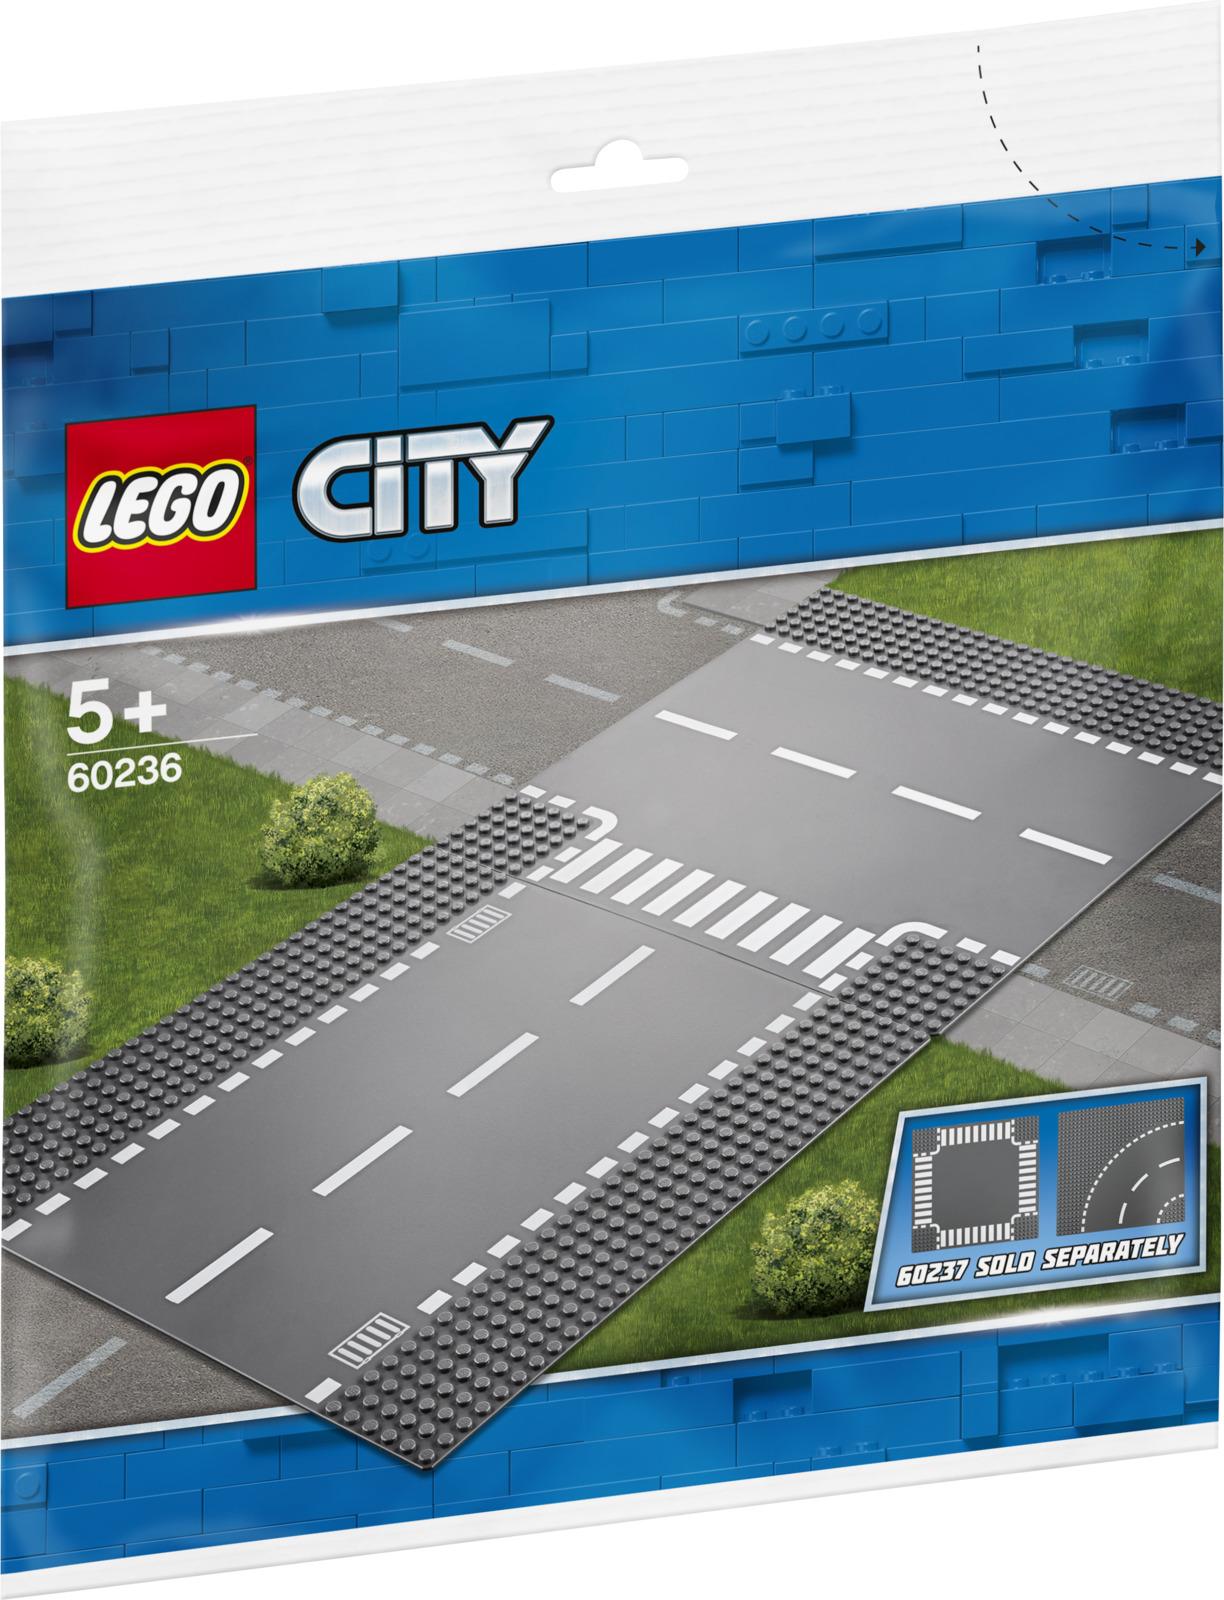 LEGO City 60236 Прямой и Т-образный перекресток Конструктор lego city 60236 конструктор лего город прямой и т образный перекрёсток